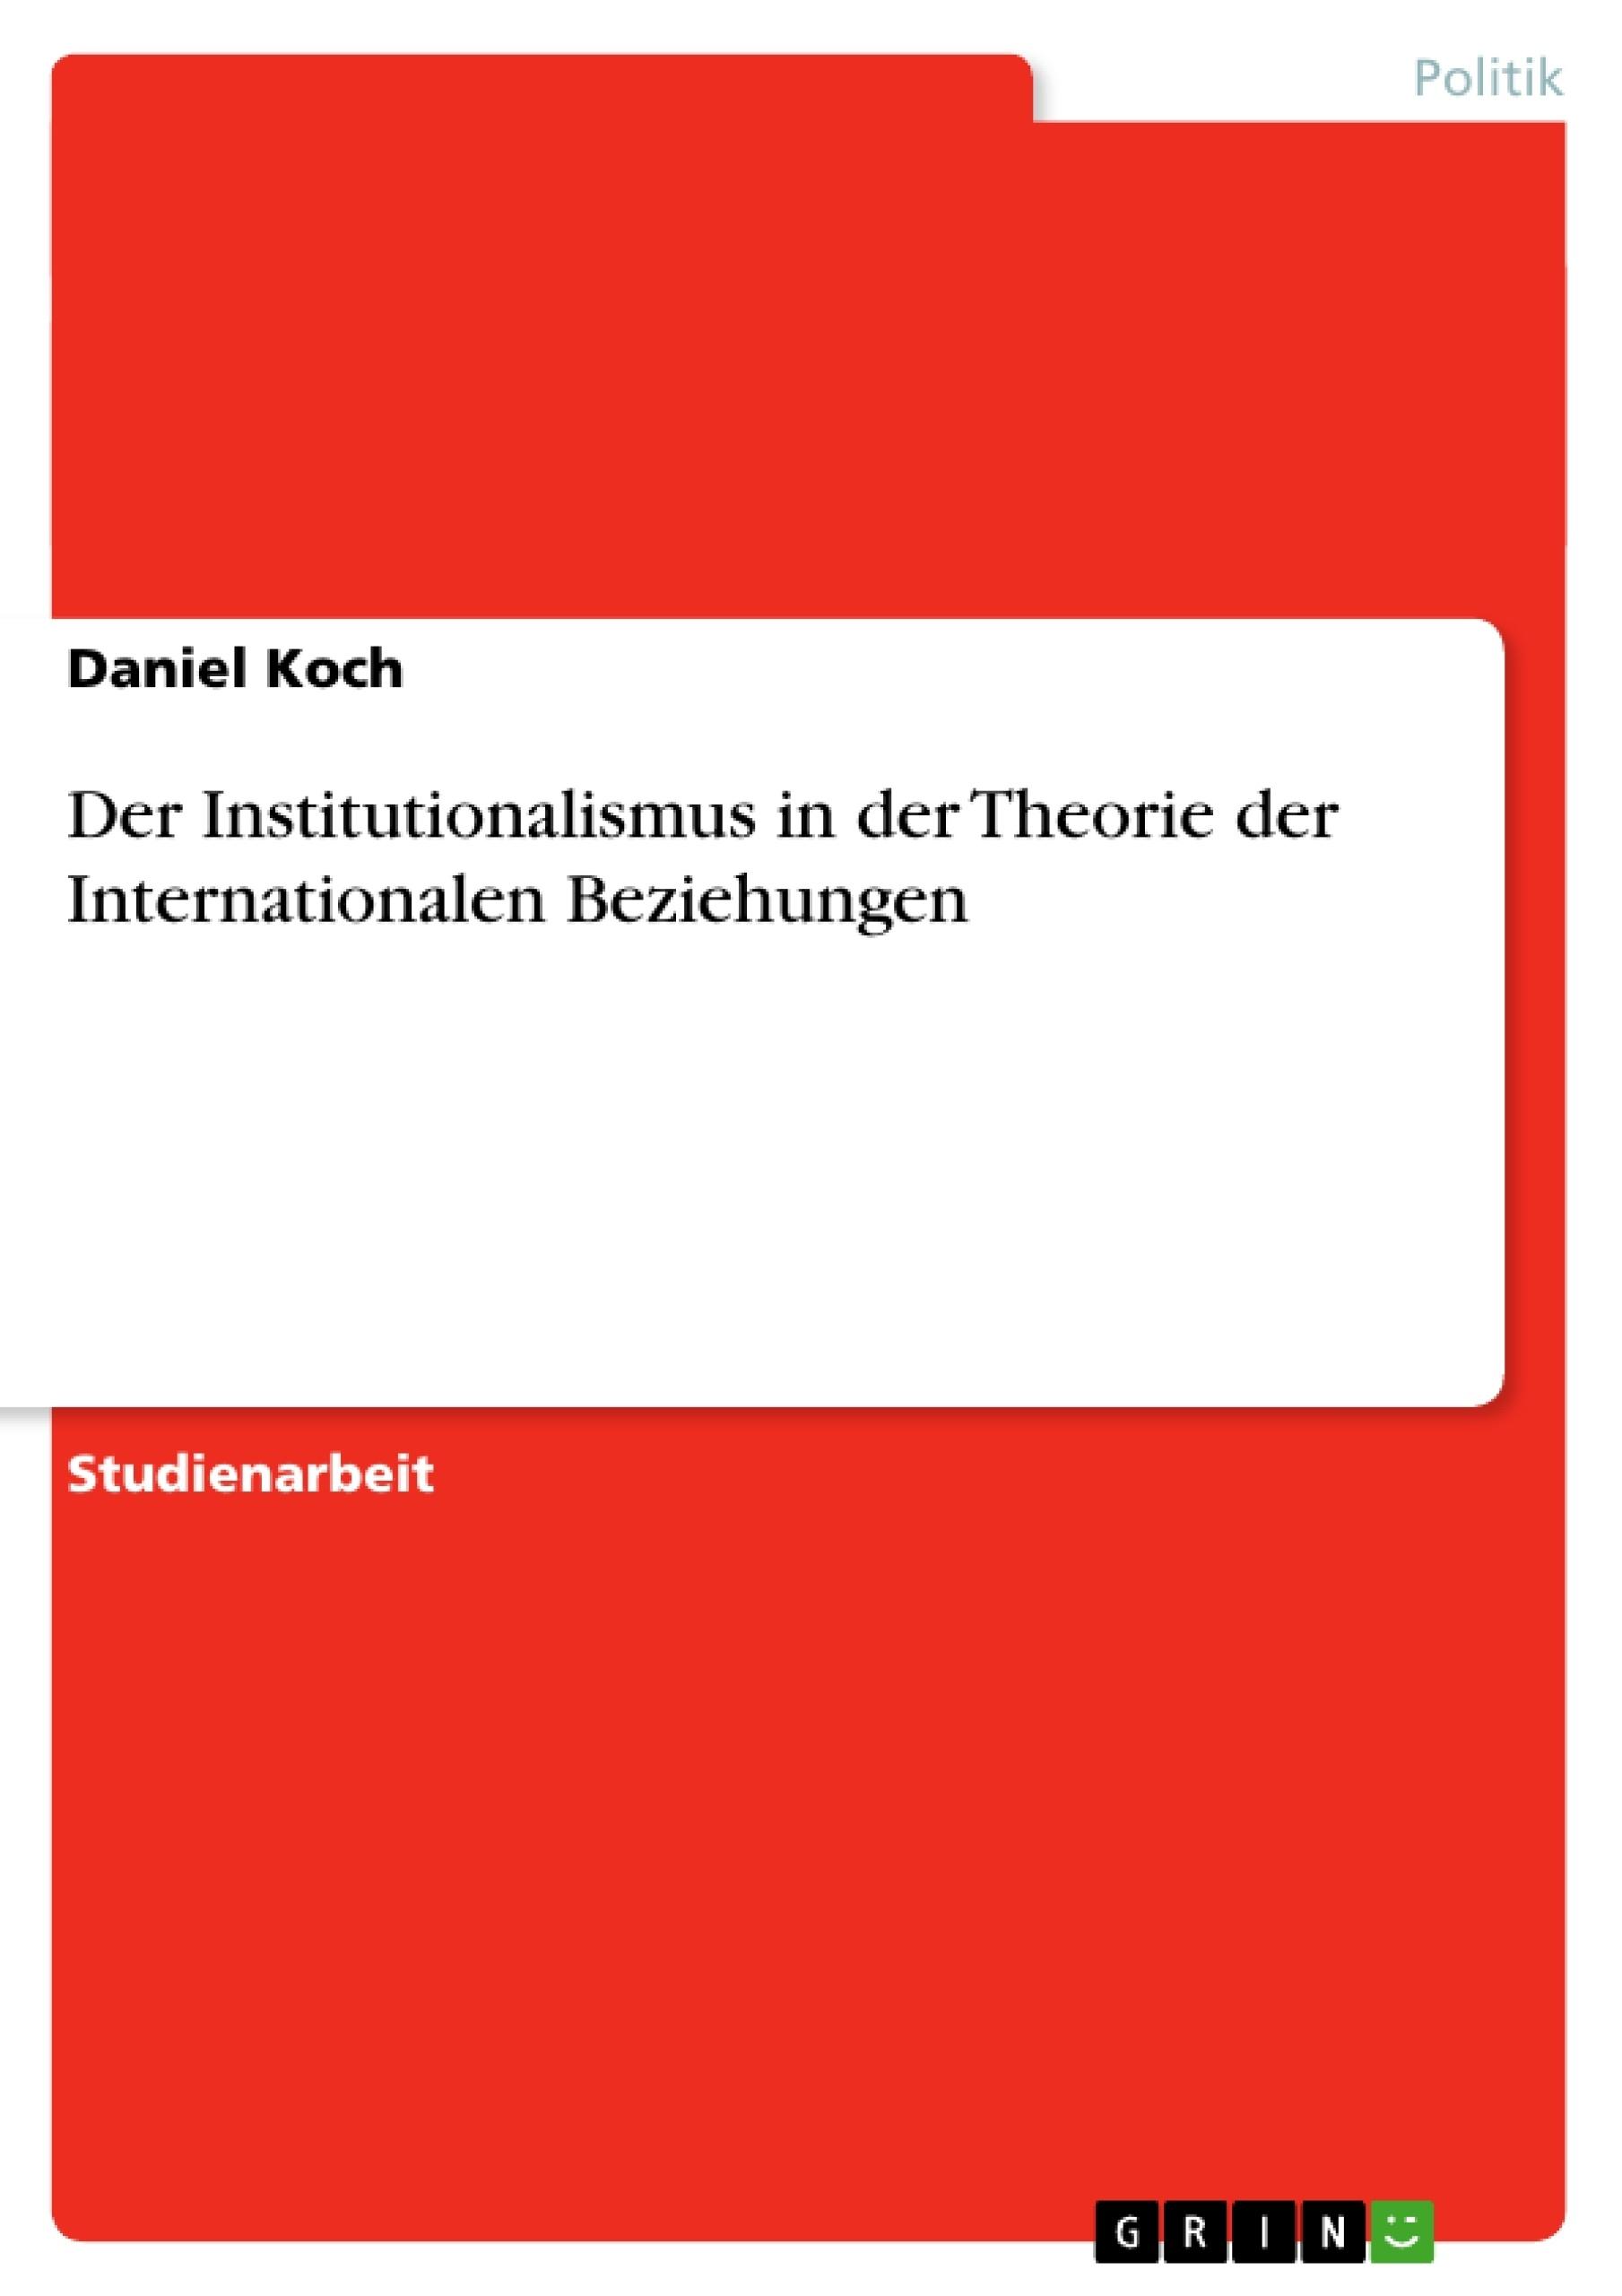 Titel: Der Institutionalismus in der Theorie der Internationalen Beziehungen